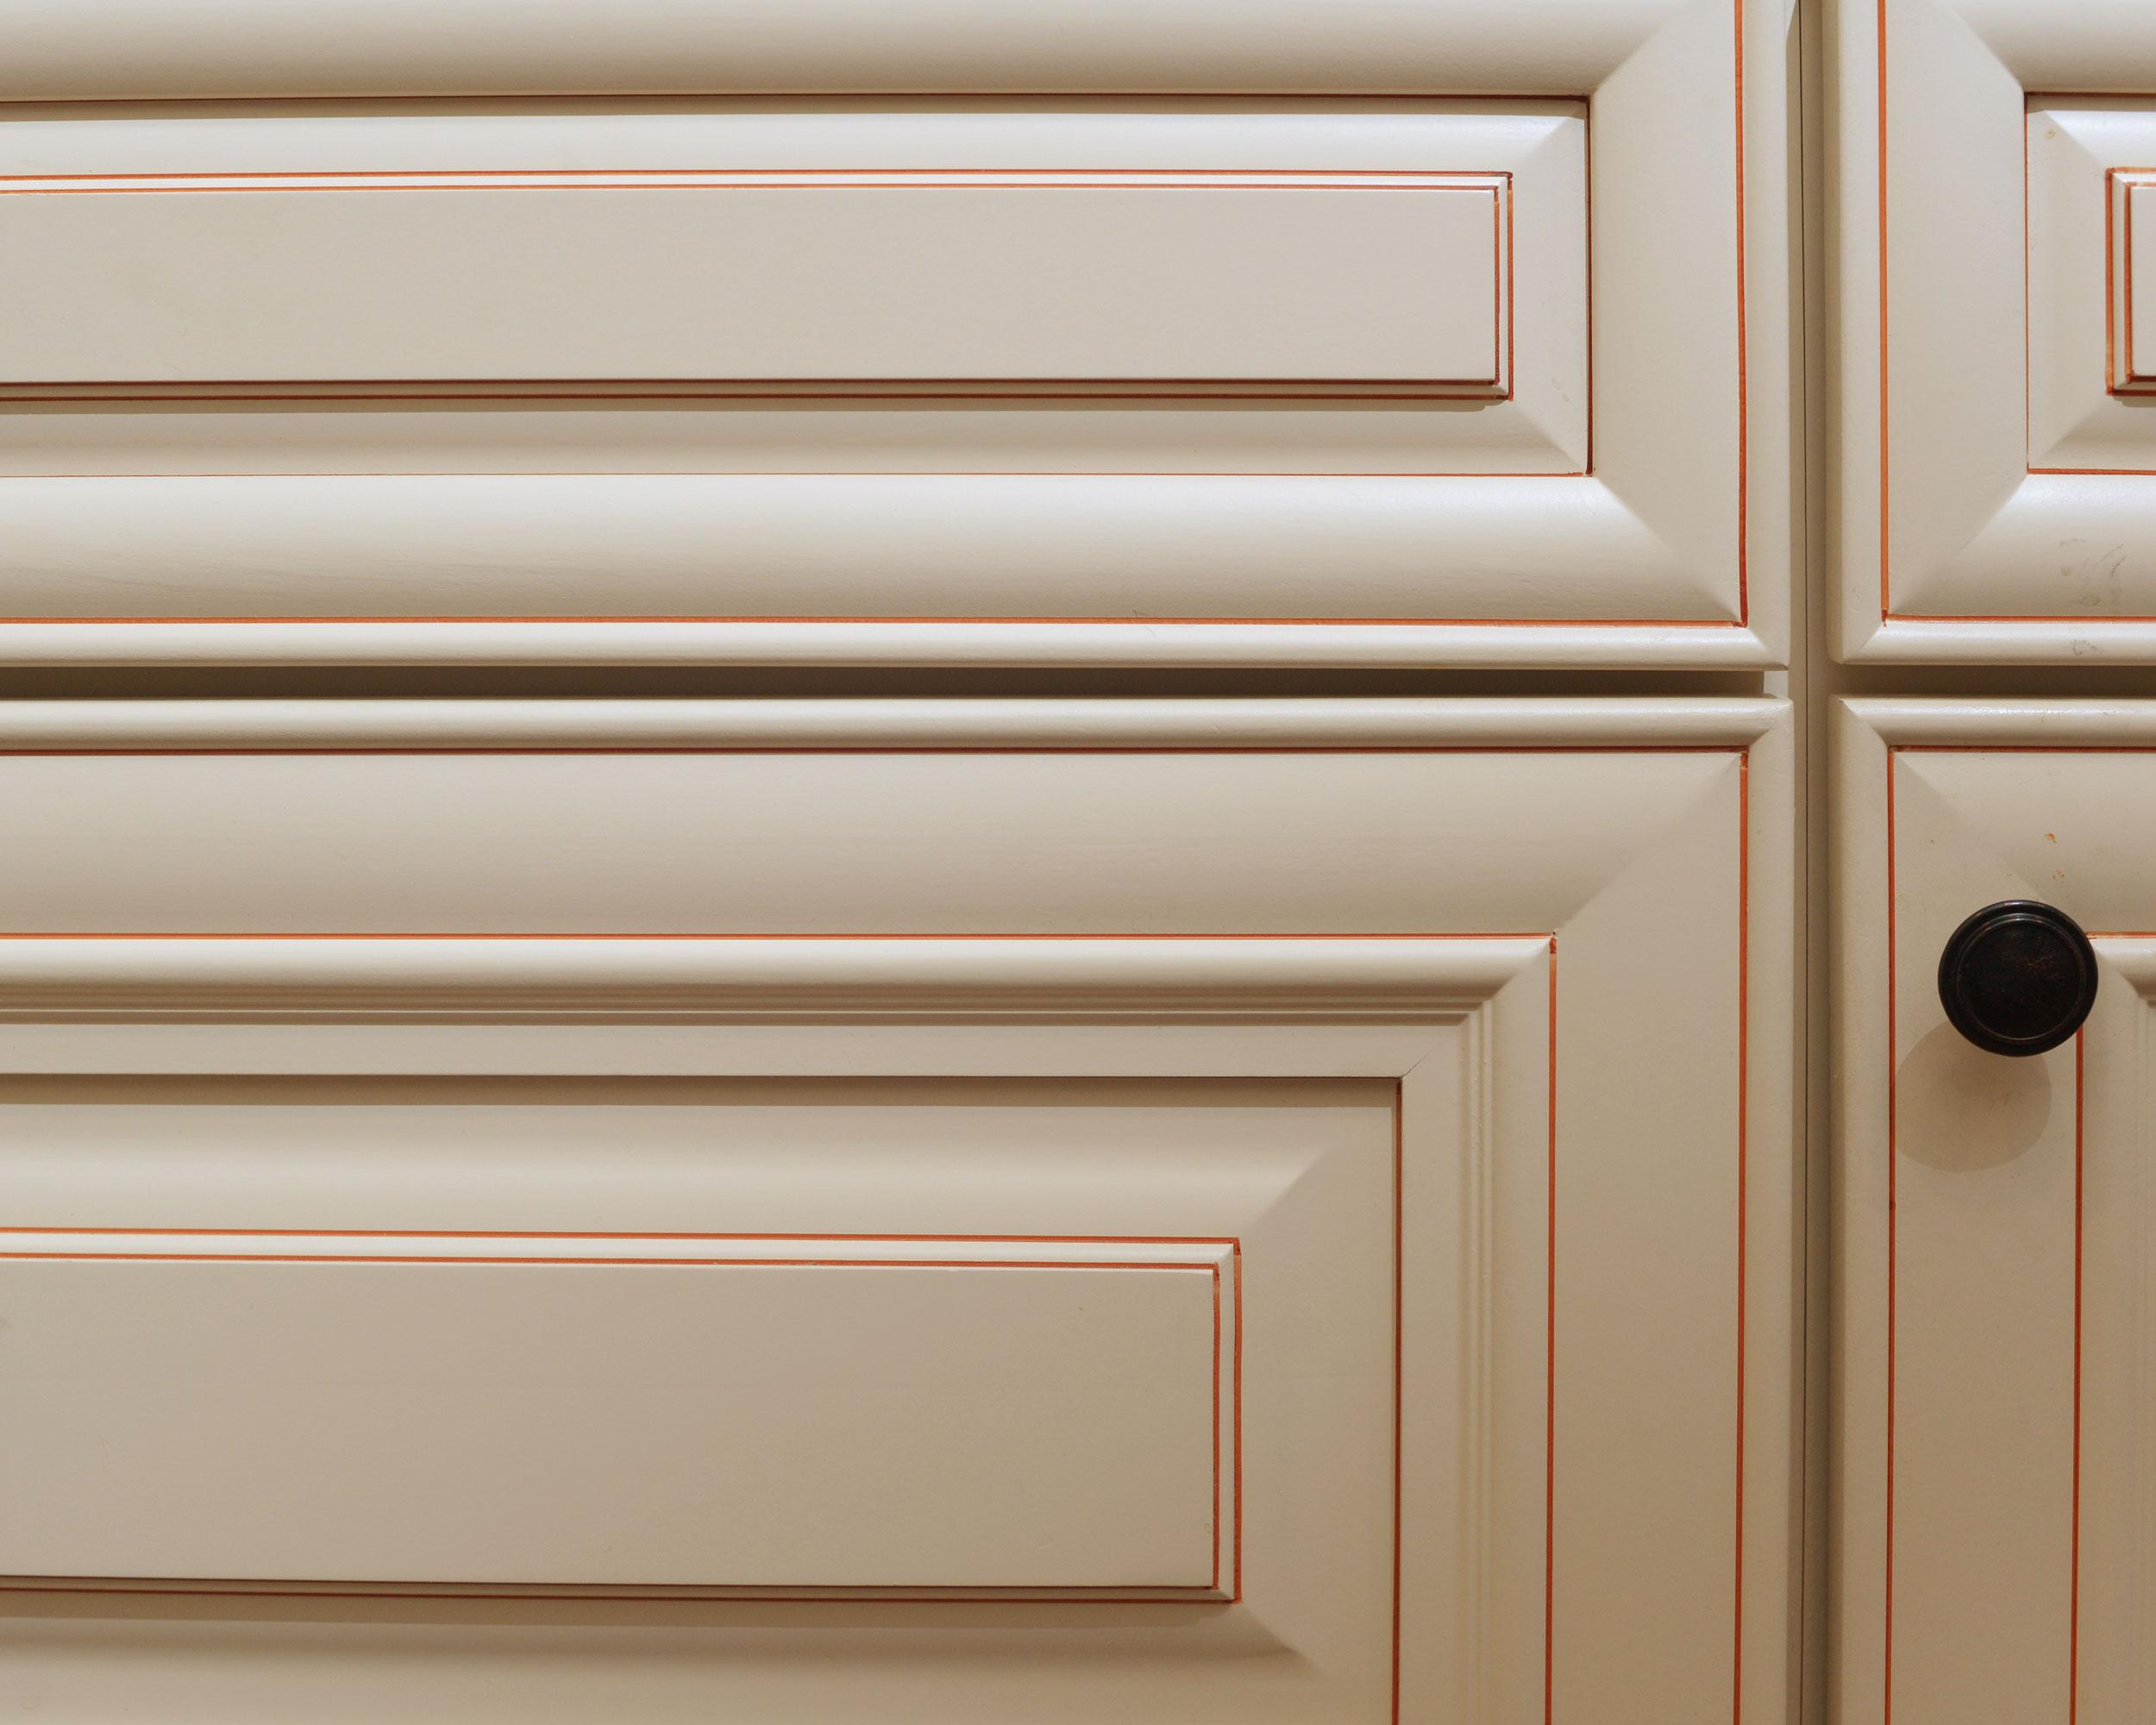 cabinet finish in Haverhill MA Condo